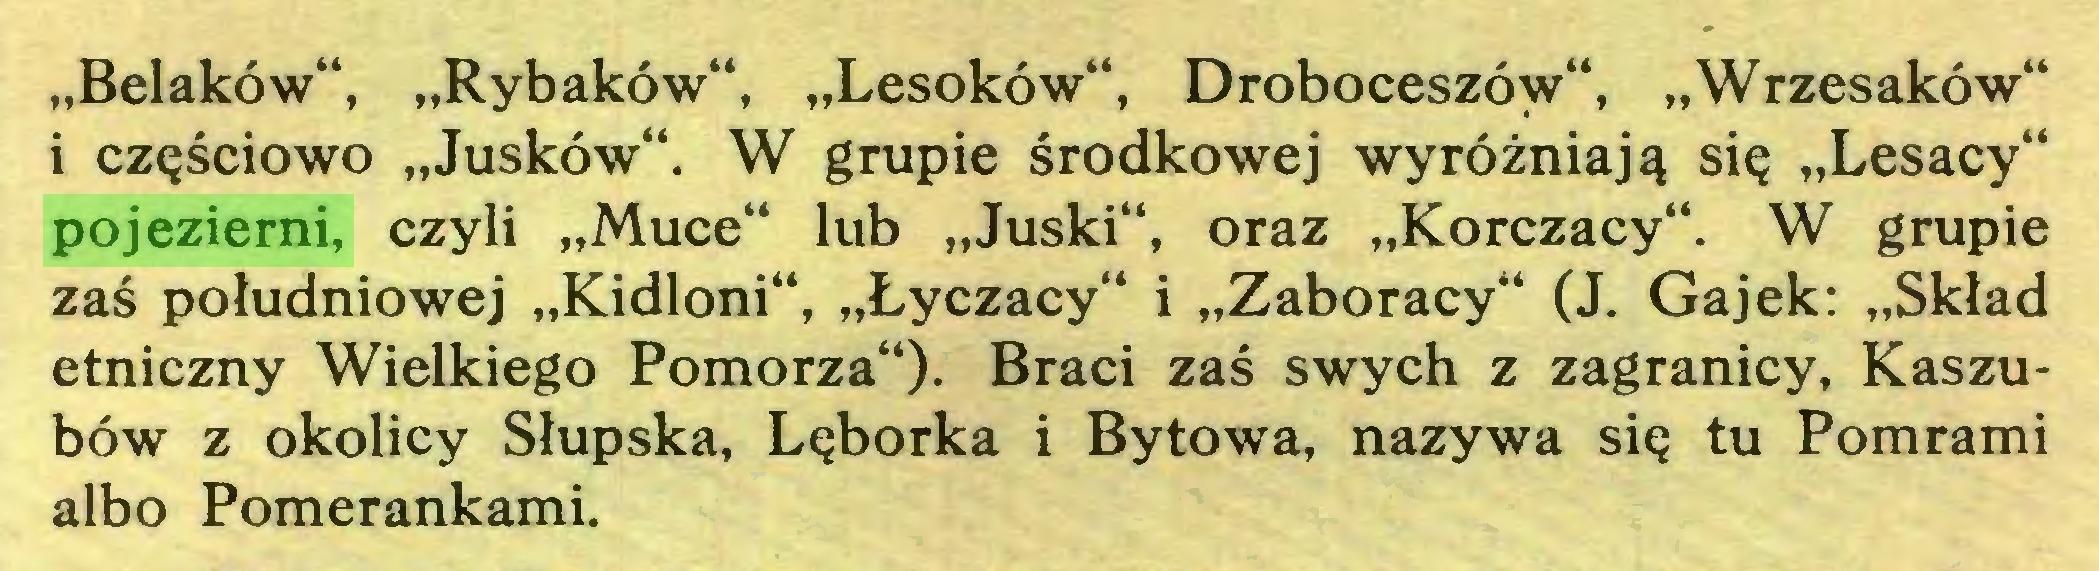 """(...) """"Belaków"""", """"Rybaków"""", """"Lesoków"""", Droboceszów"""", """"Wrzesaków"""" i częściowo """"Jusków"""". W grupie środkowej wyróżniają się """"Lesacy"""" pojezierni, czyli """"Muce"""" lub """"Juski"""", oraz """"Korczacy"""". W grupie zaś południowej """"Kidloni"""", """"Łyczacy"""" i """"Zaboracy"""" (J. Gajek: """"Skład etniczny Wielkiego Pomorza""""). Braci zaś swych z zagranicy, Kaszubów z okolicy Słupska, Lęborka i Bytowa, nazywa się tu Pomrami albo Pomerankami..."""